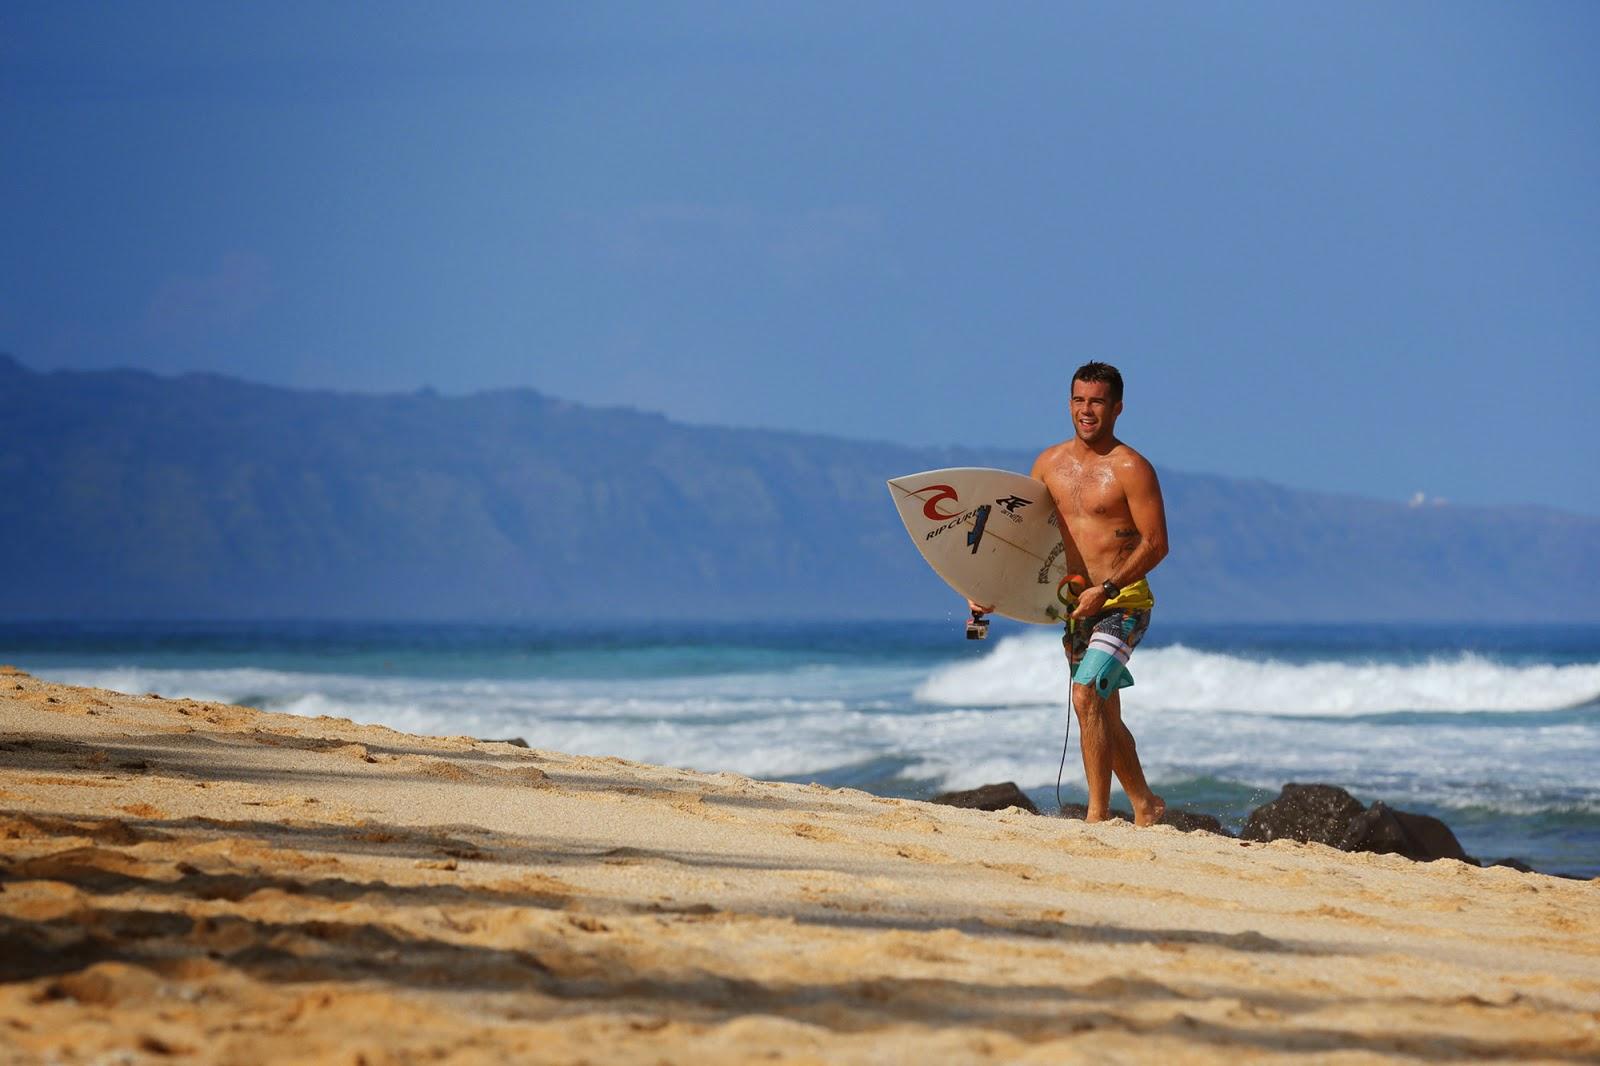 Mason Ho rip curl bells beach 2015 wildcard %2B(3)